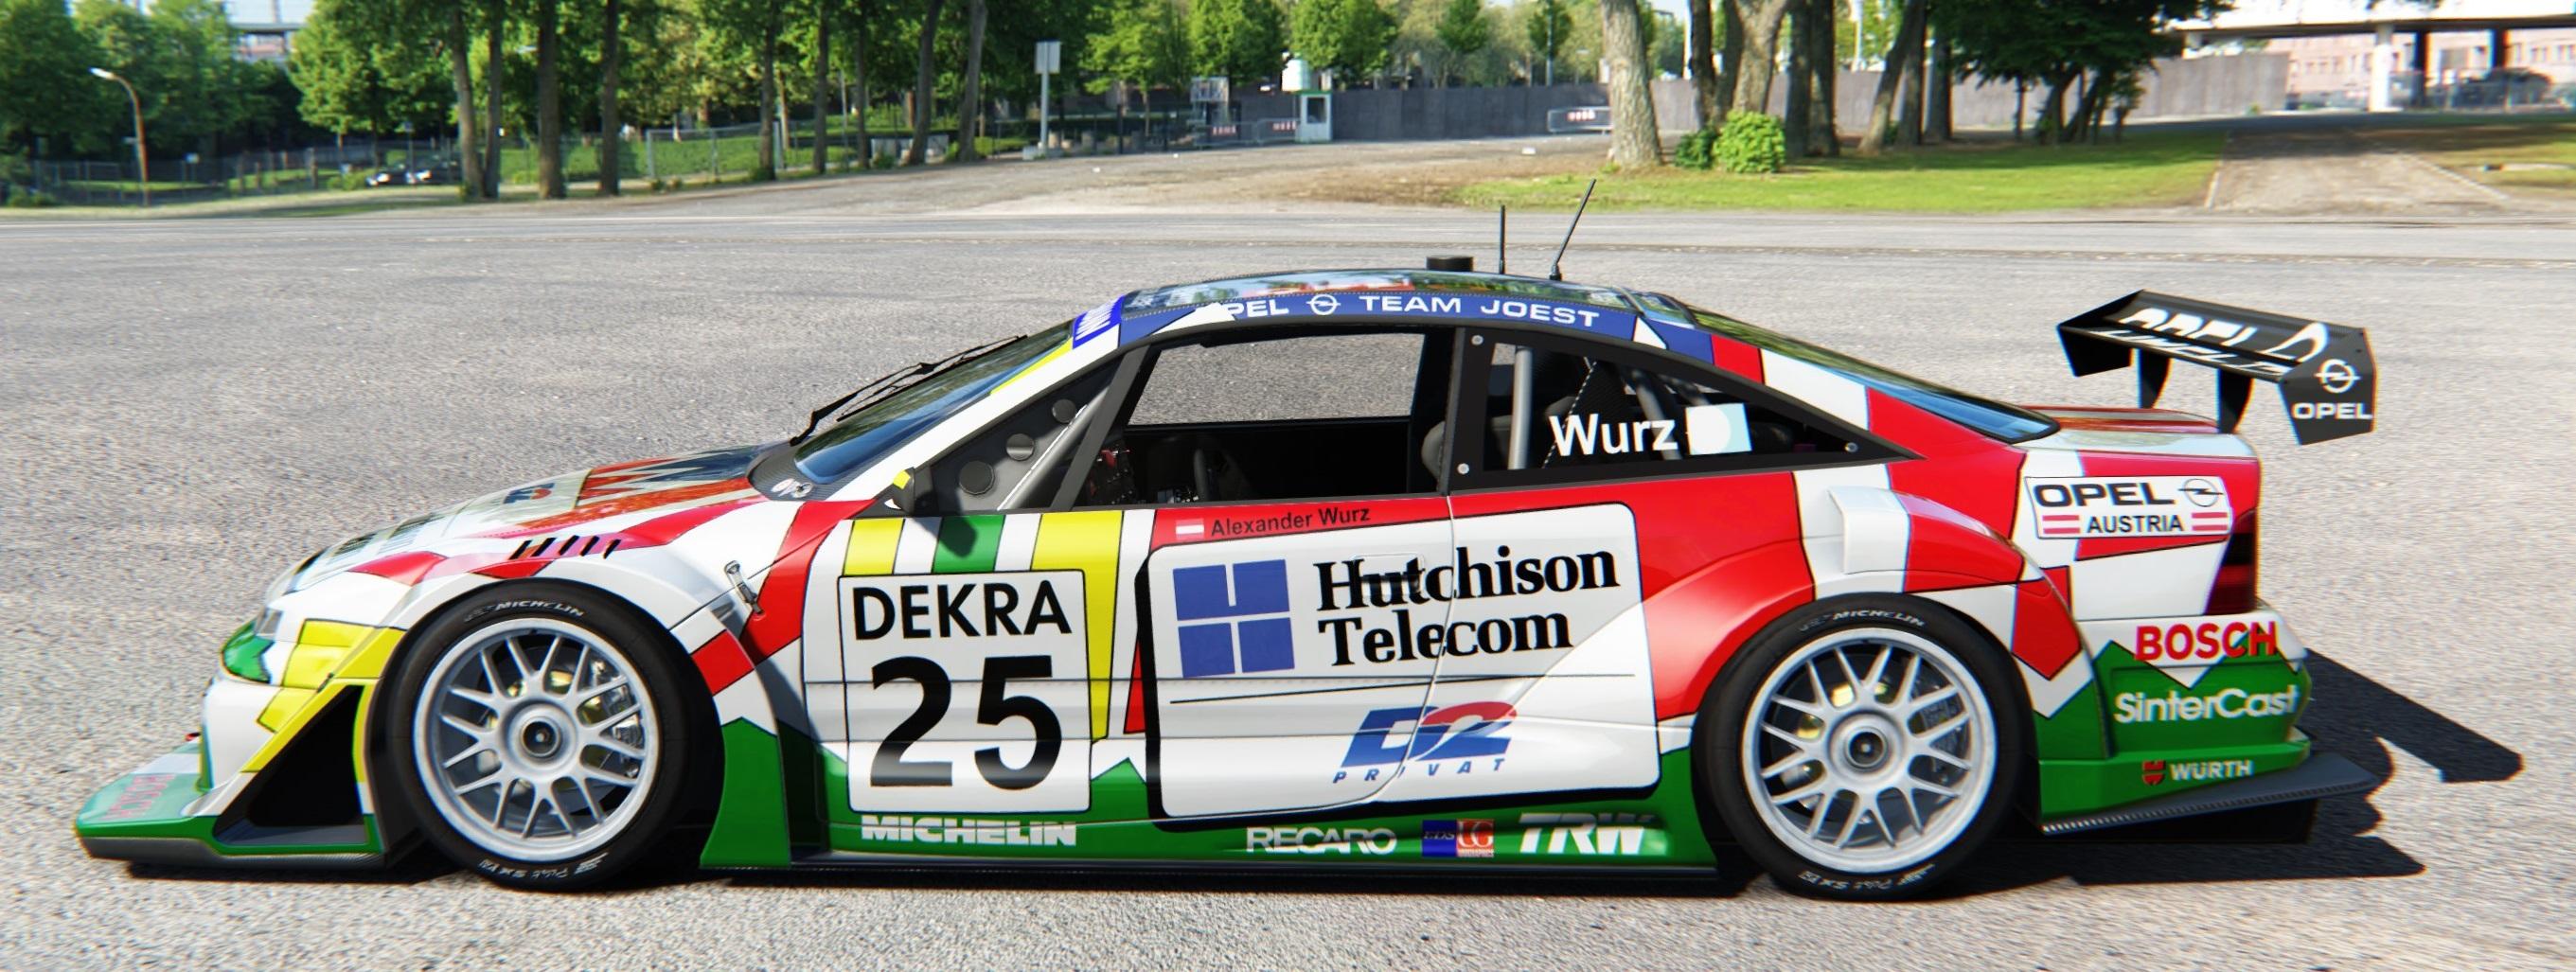 SLOT.IT CA36D - Opel Calibra V6 - Diepholz ITC 1996 #25